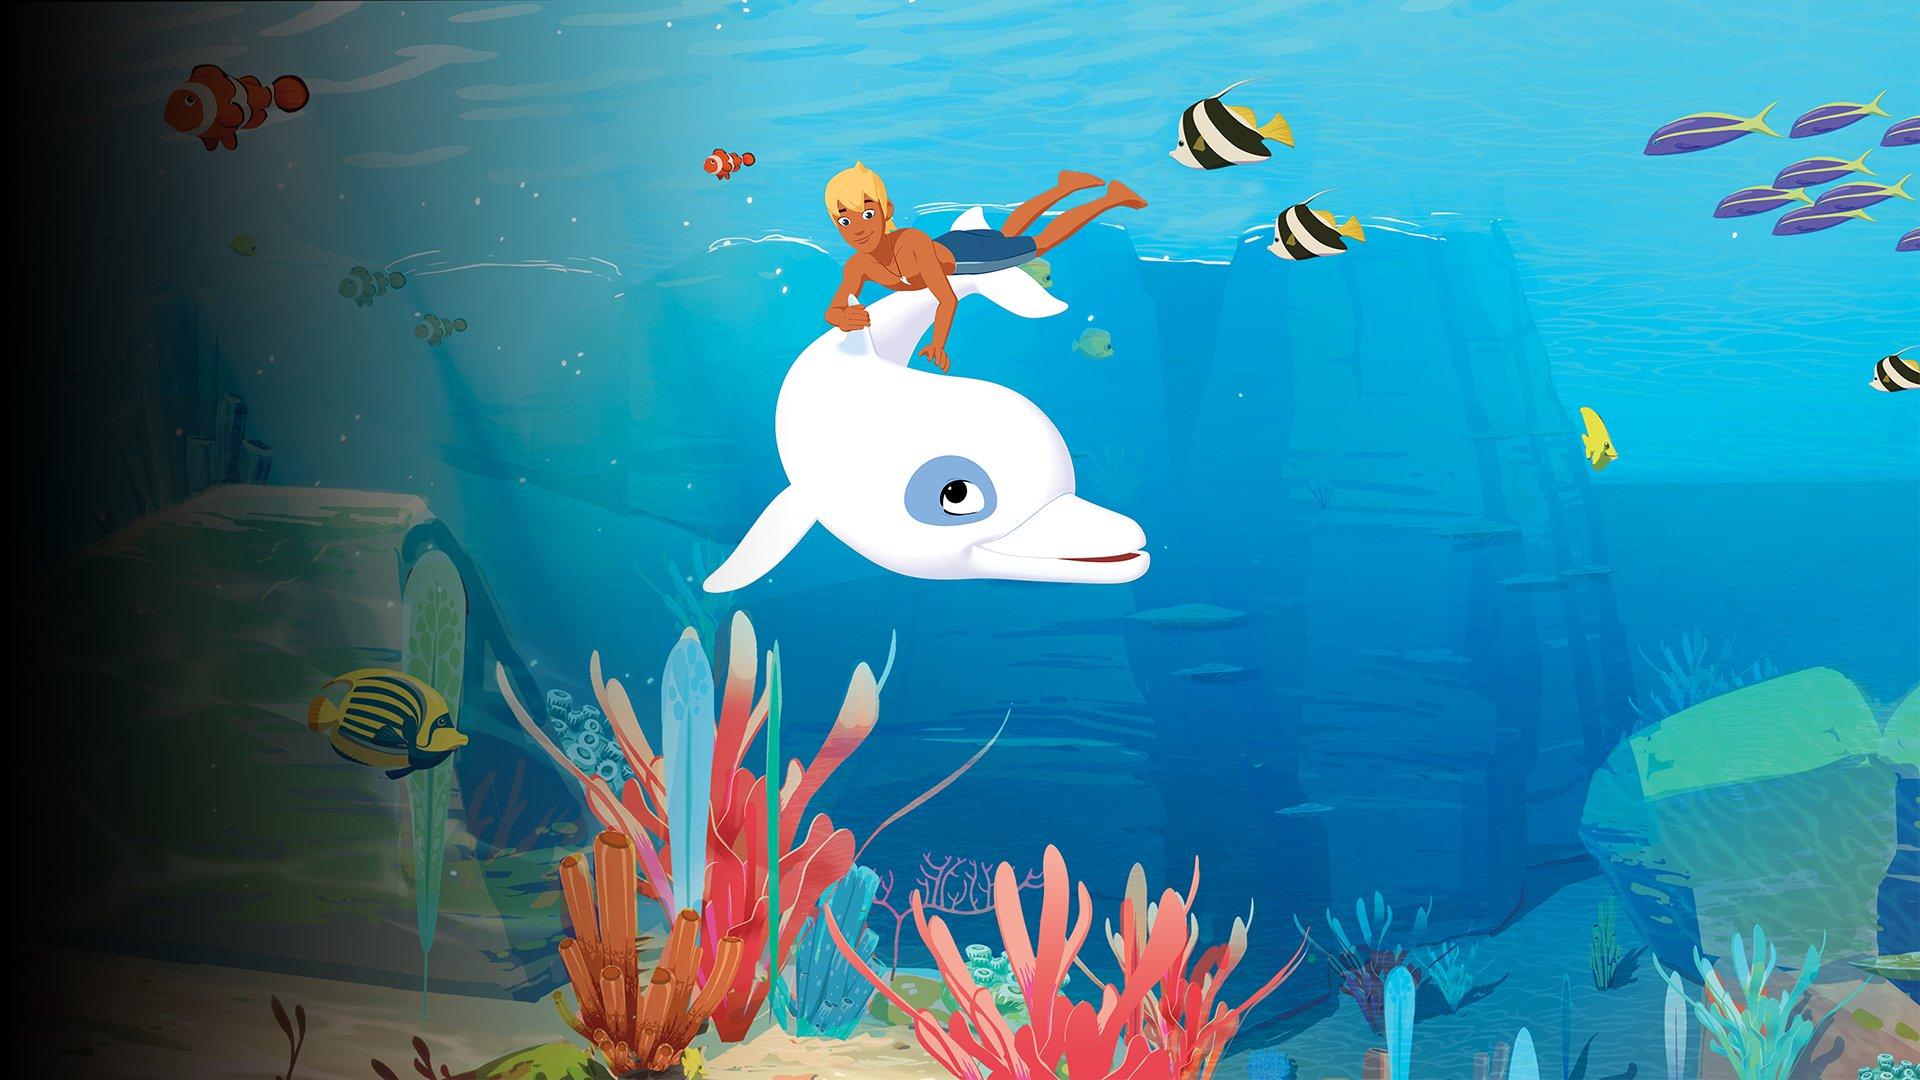 fond Le son mystérieux - Oum le dauphin blanc